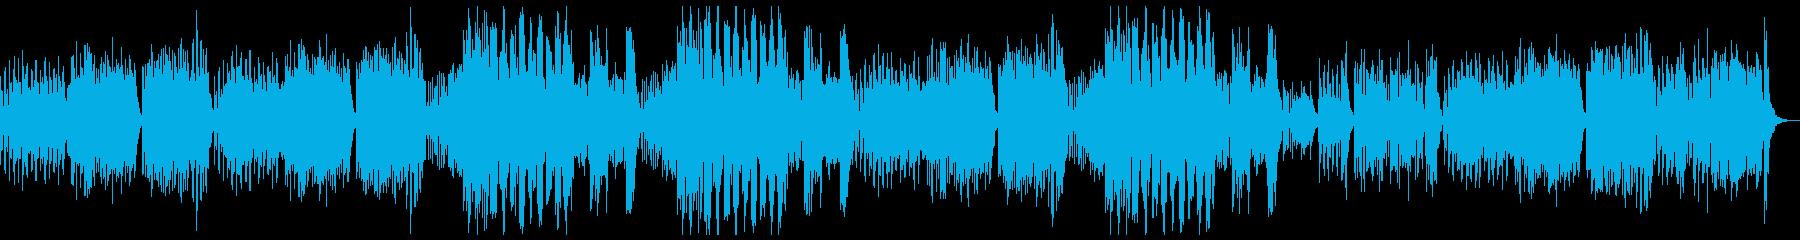 弦、ハープシコード、パイプオルガン...の再生済みの波形